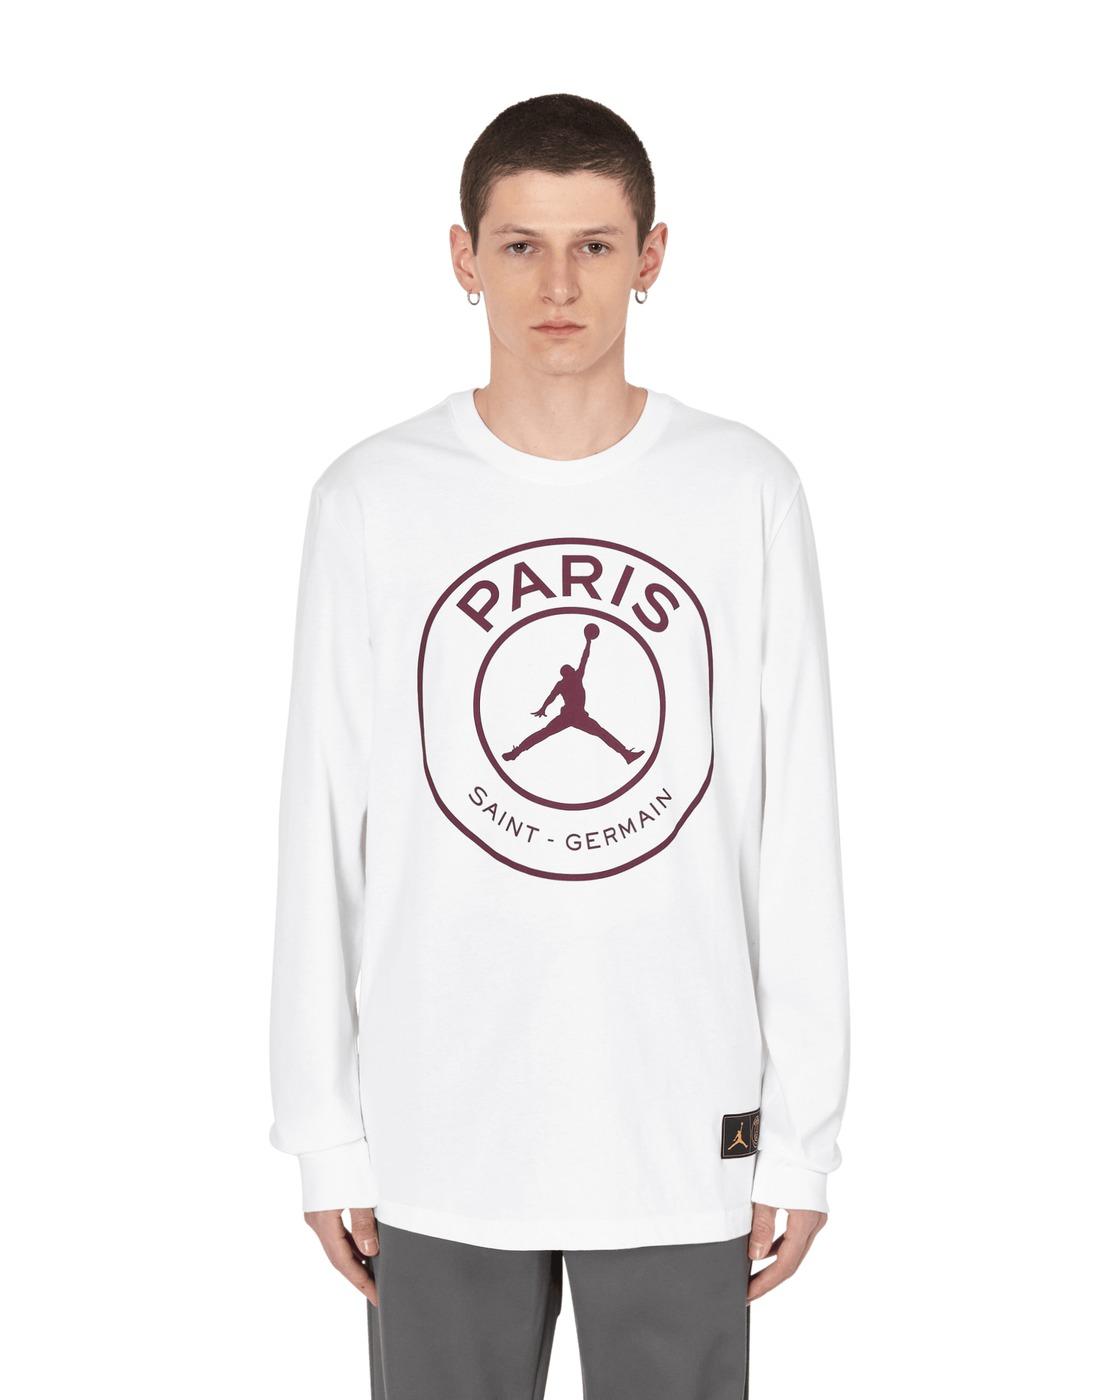 Nike Jordan Paris Saint Germain Longsleeve T Shirt White